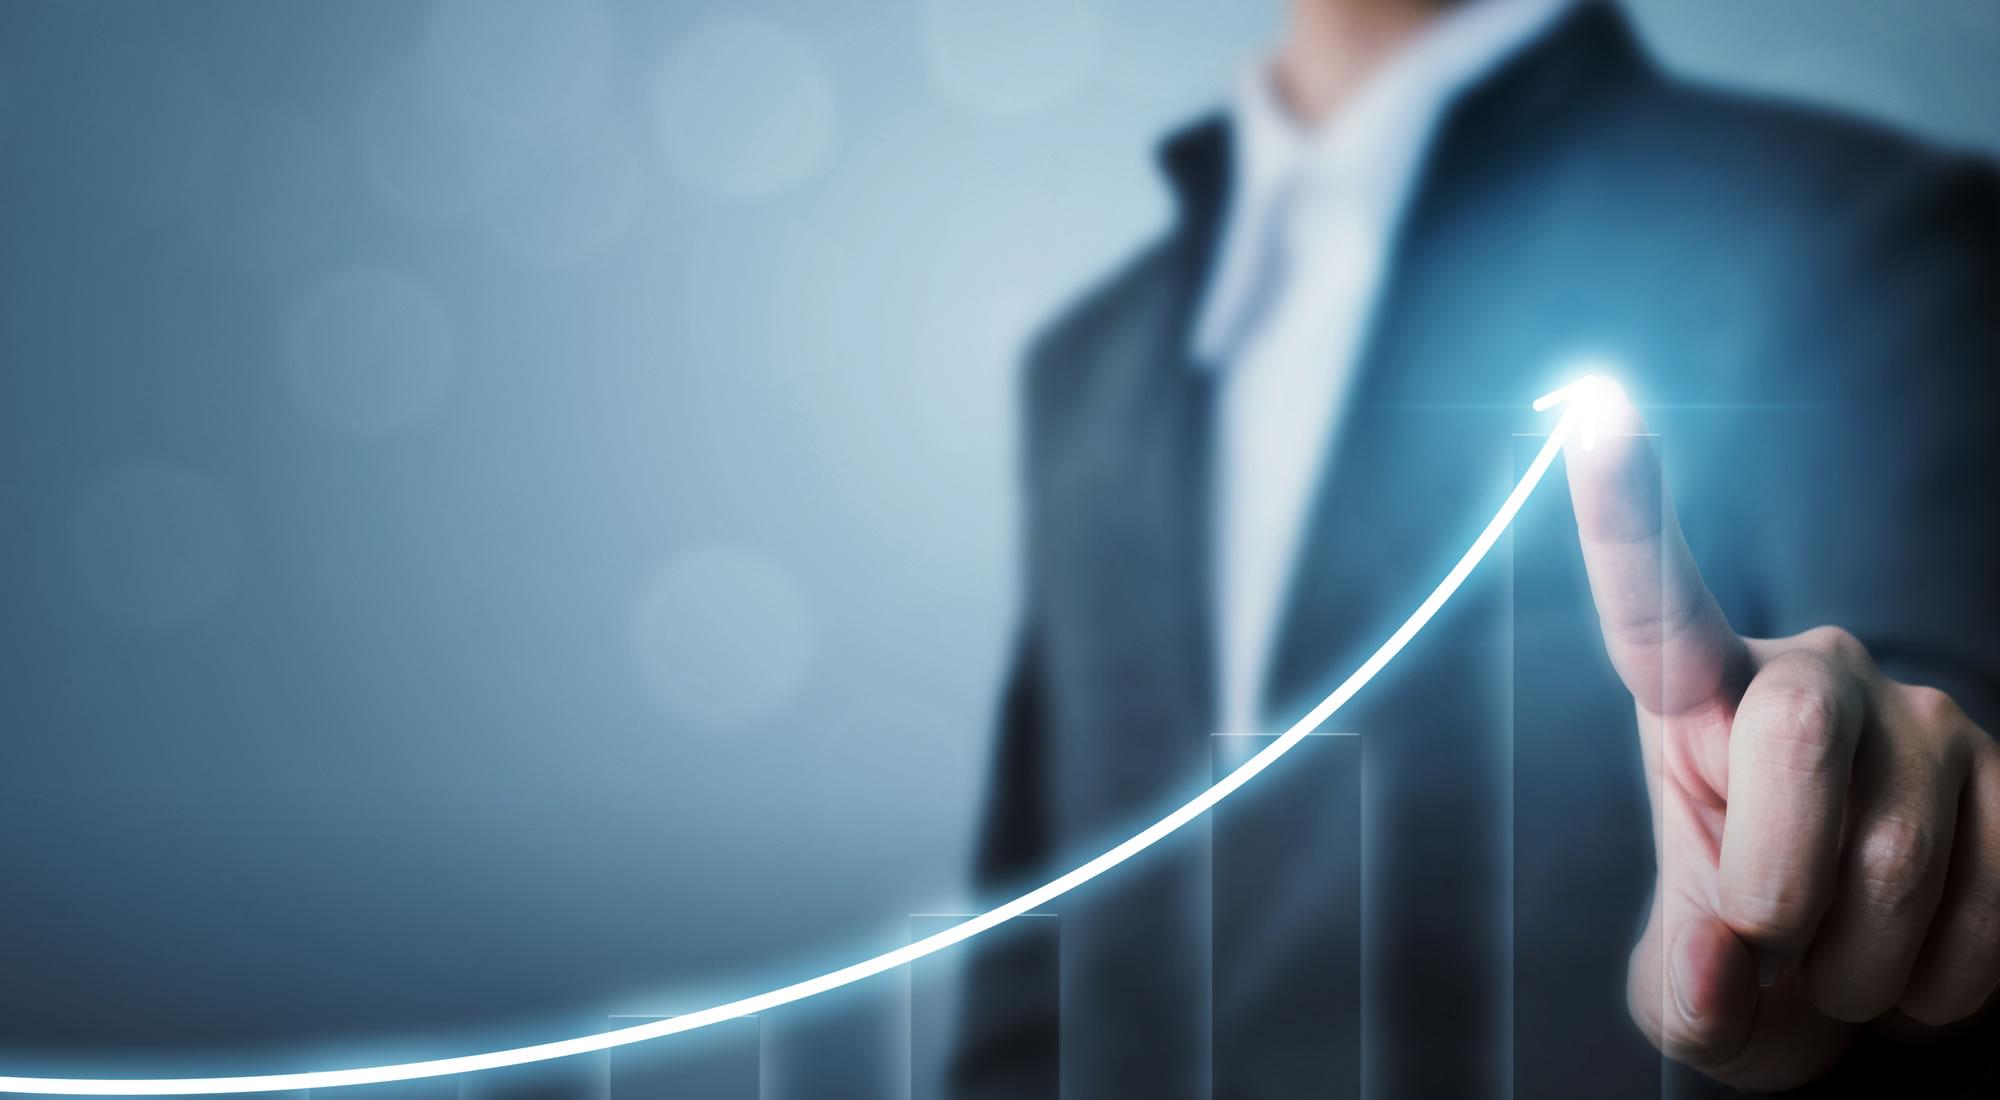 tư vấn set up tái cấu trúc tự động hoá doanh nghiệp